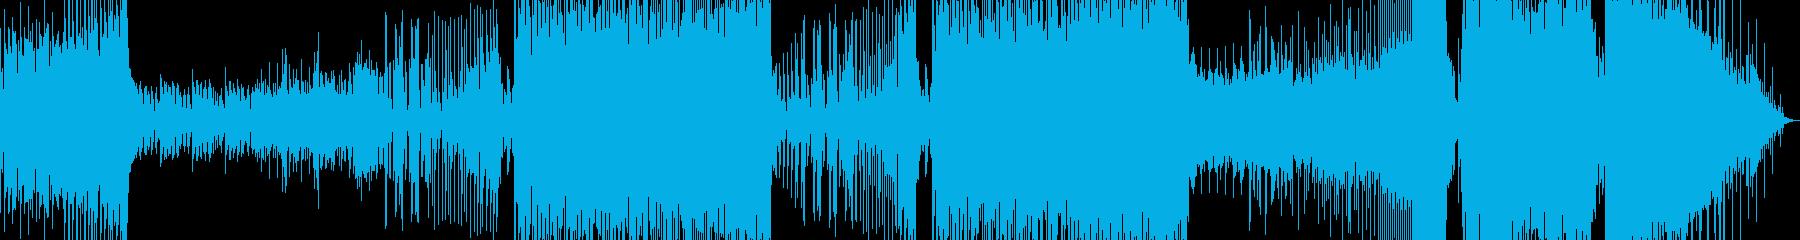 注目を集めるギターが引っ張るEDMの再生済みの波形